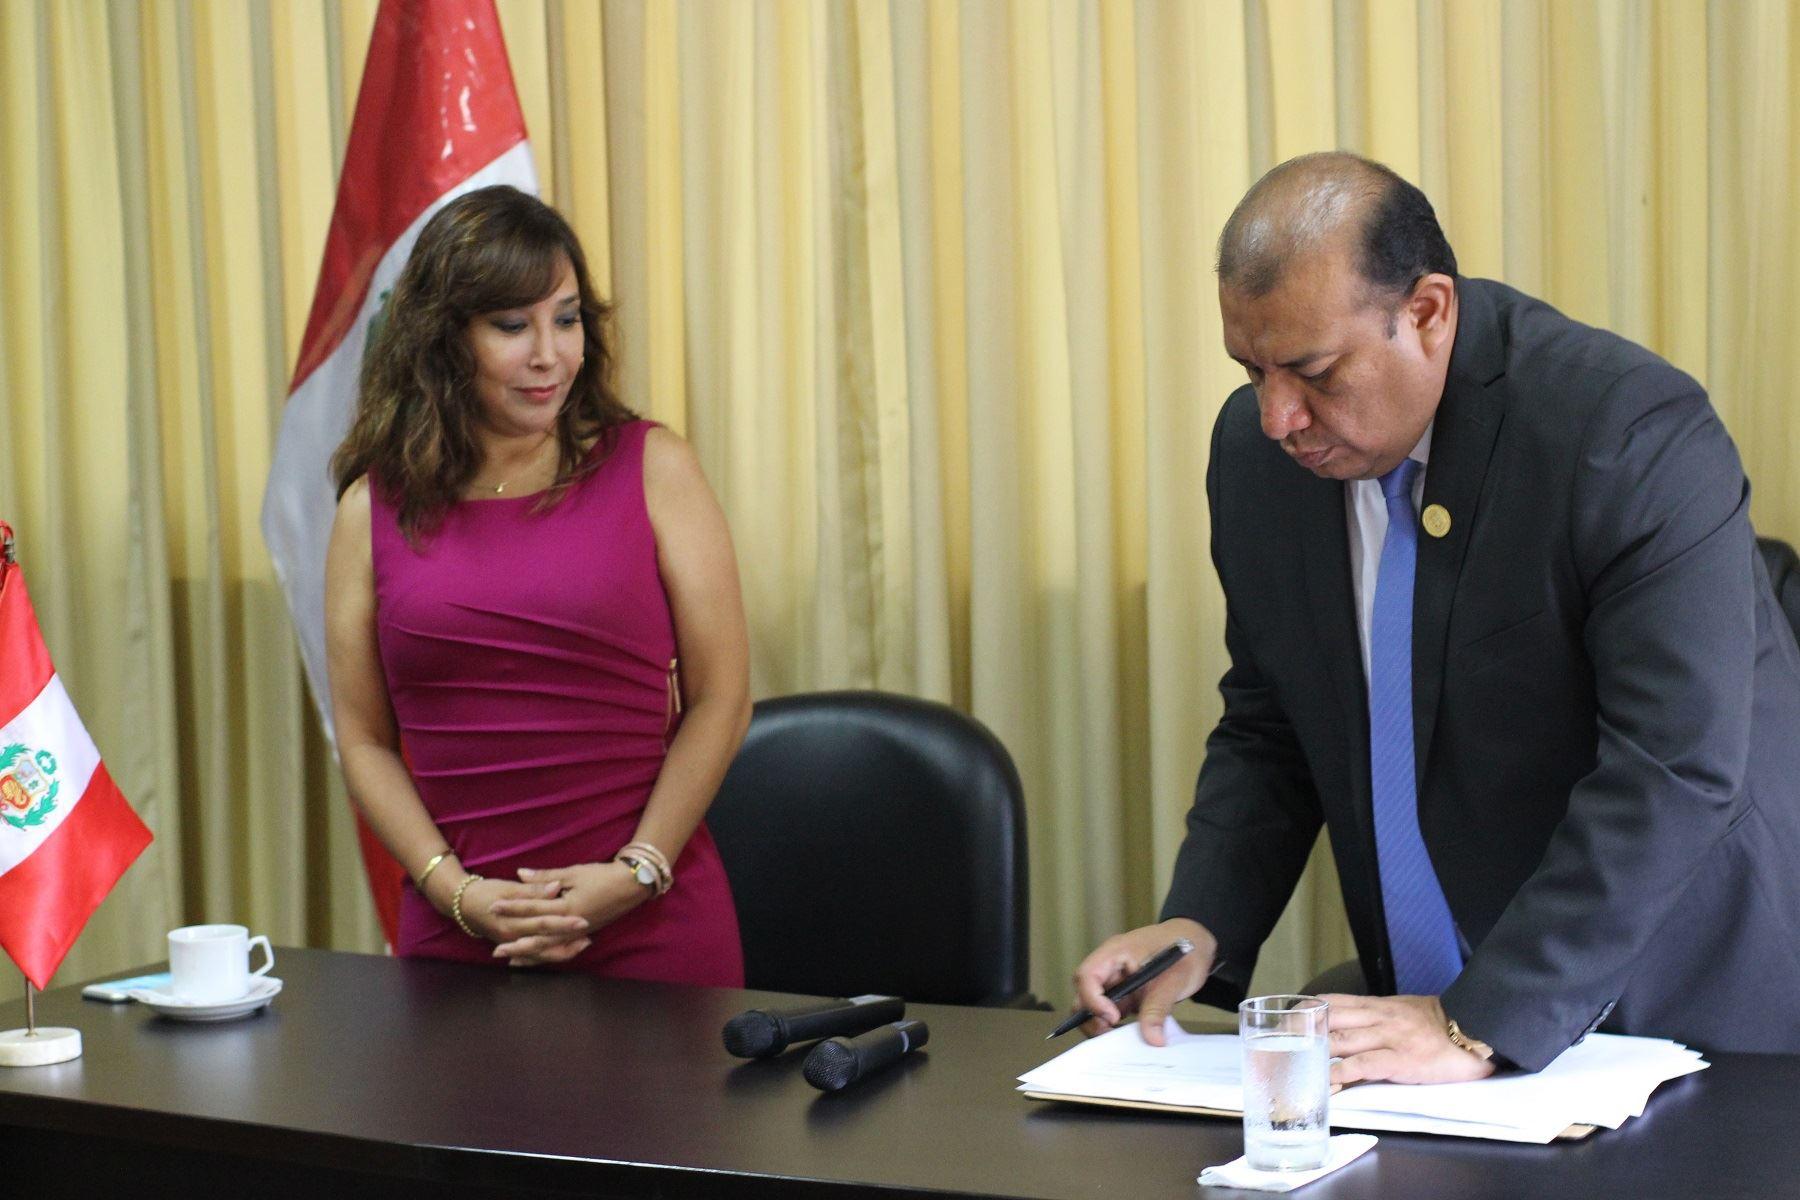 Firma del convenio por el que la Municipalidad de San Luis se compromete a implementar la Declaración Jurada de Intereses entre sus principales funcionarios.